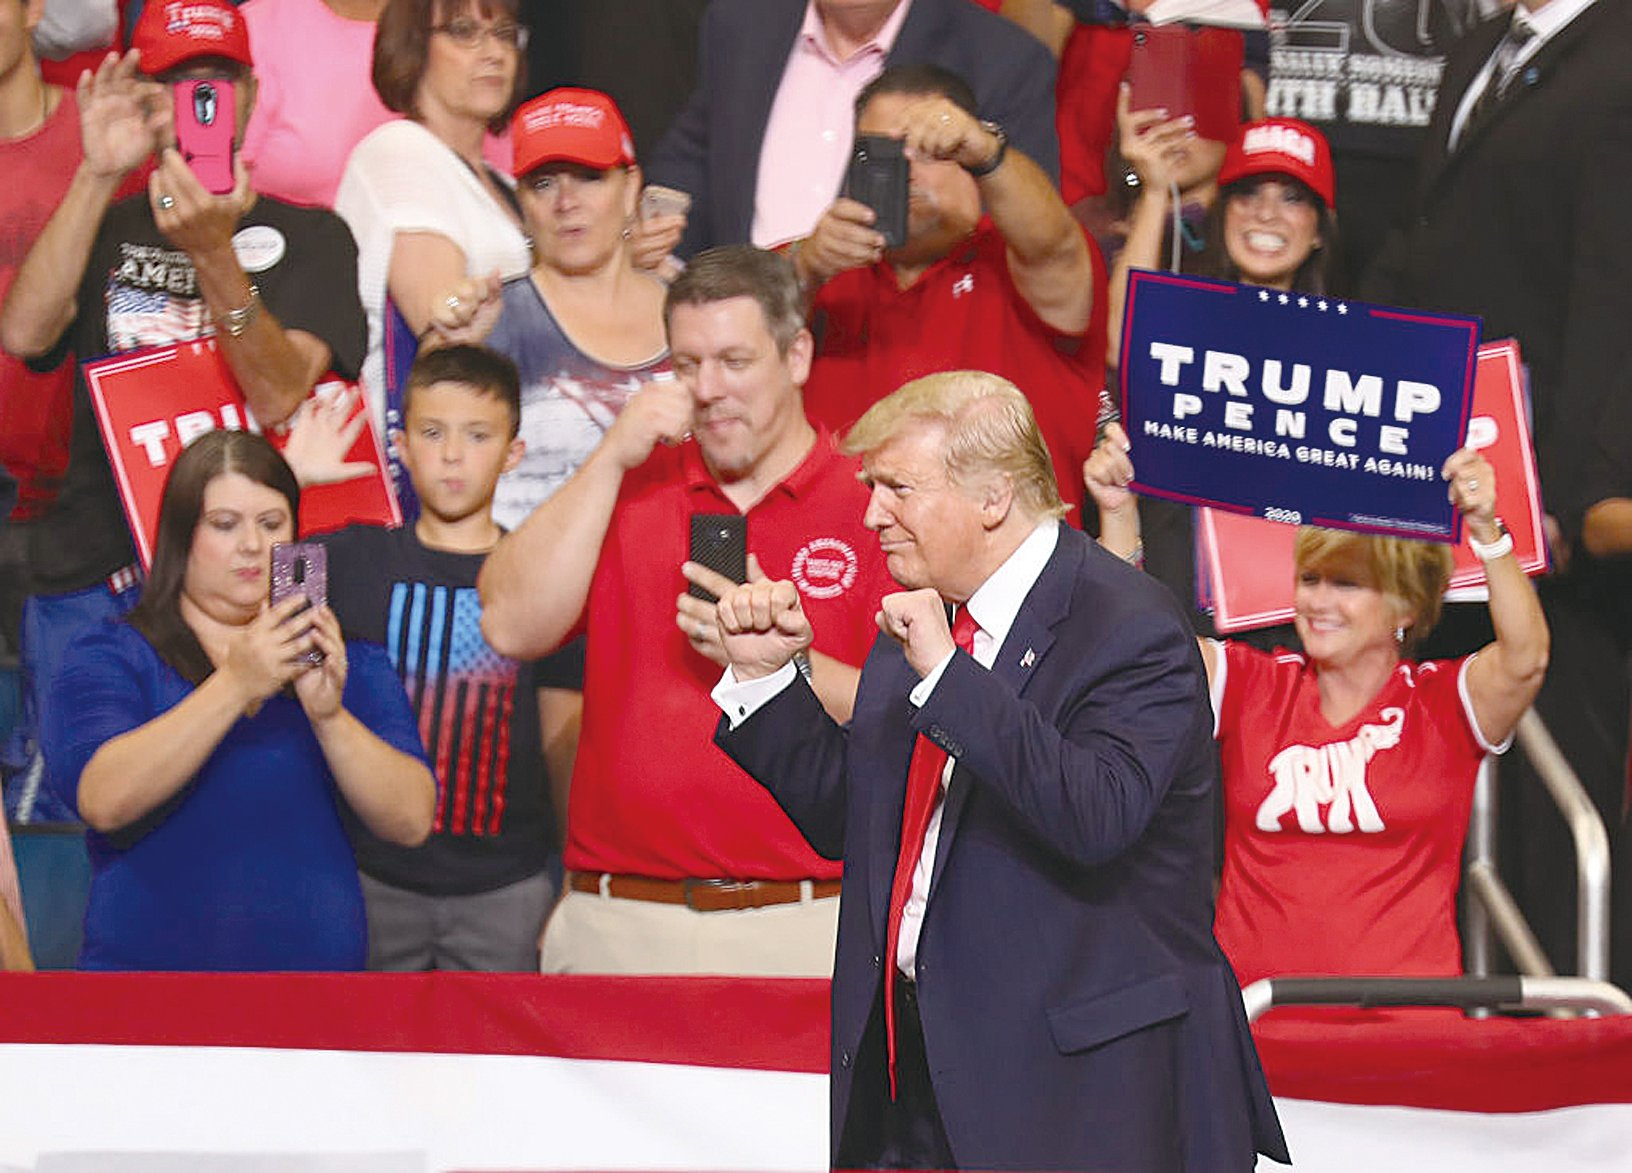 2019年6月18日,佛羅里達奧蘭多,特朗普集會現場有數萬民眾支持特朗普連任。(Joe Raedle/Getty Images)